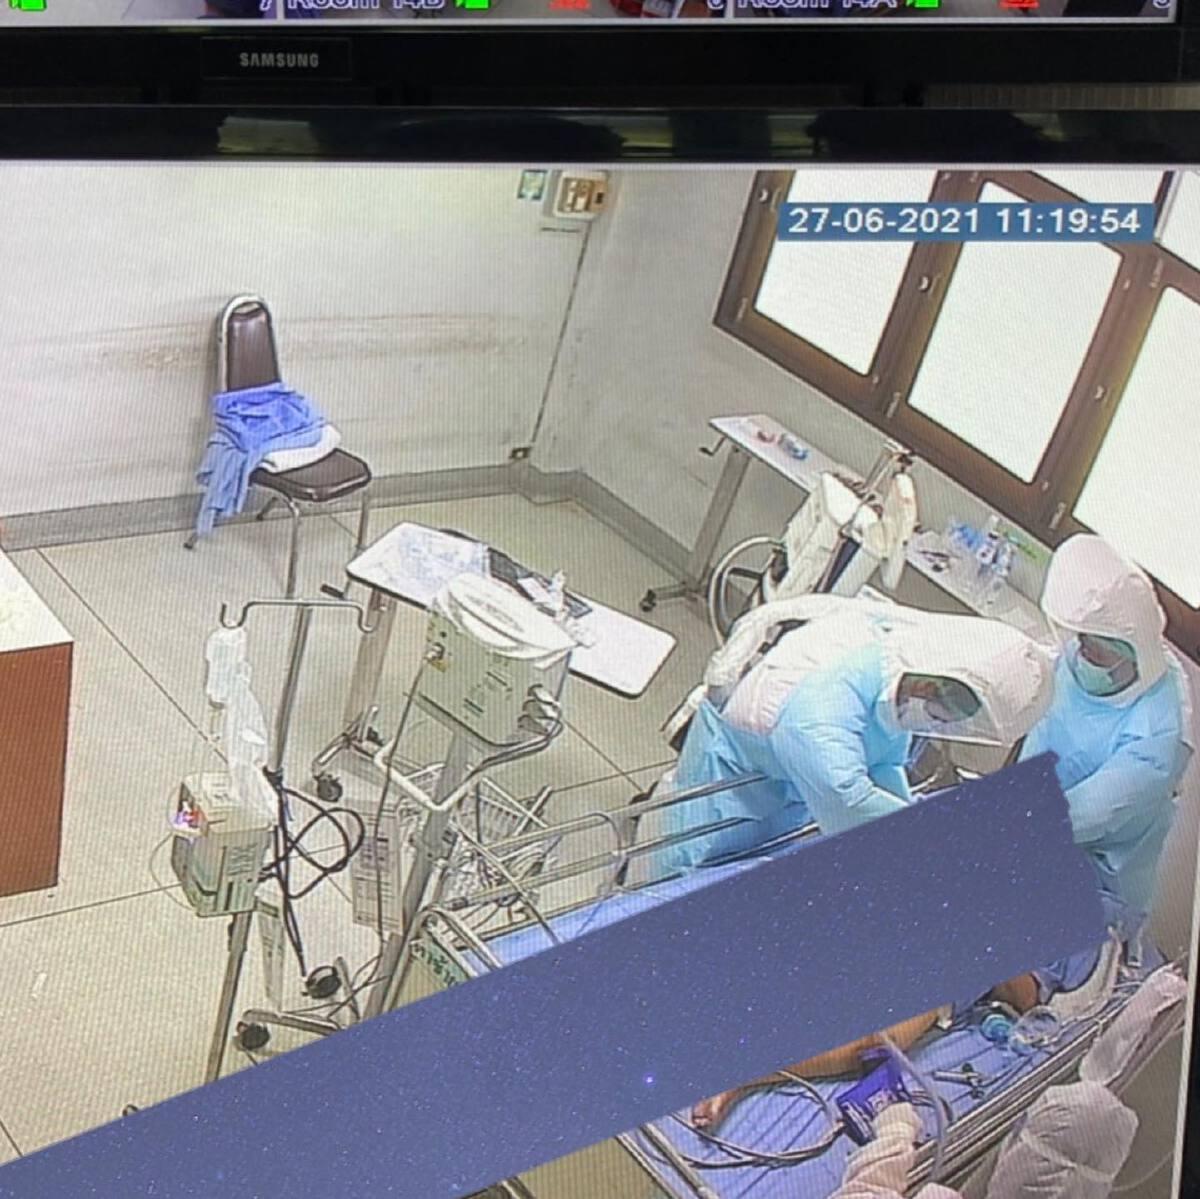 หมอสุดสะเทือนใจ วันที่เสียงหัวเราะลั่นทำเนียบ ผู้ป่วยโควิด19ได้แต่รอคอย